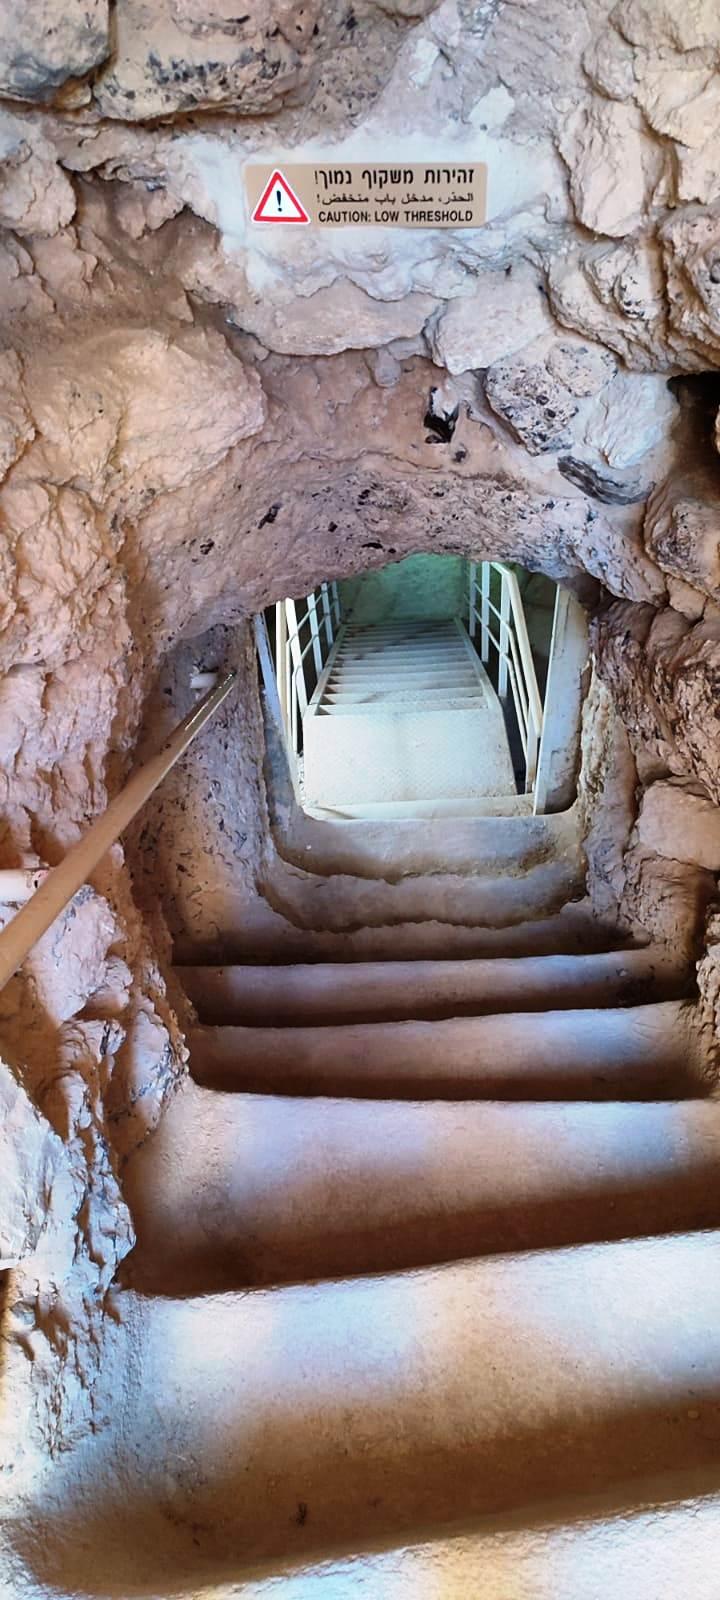 08. Спуск в подземные тоннели, по которым во время восстания Бар-Кохбы носили воду в осажденную крепость.